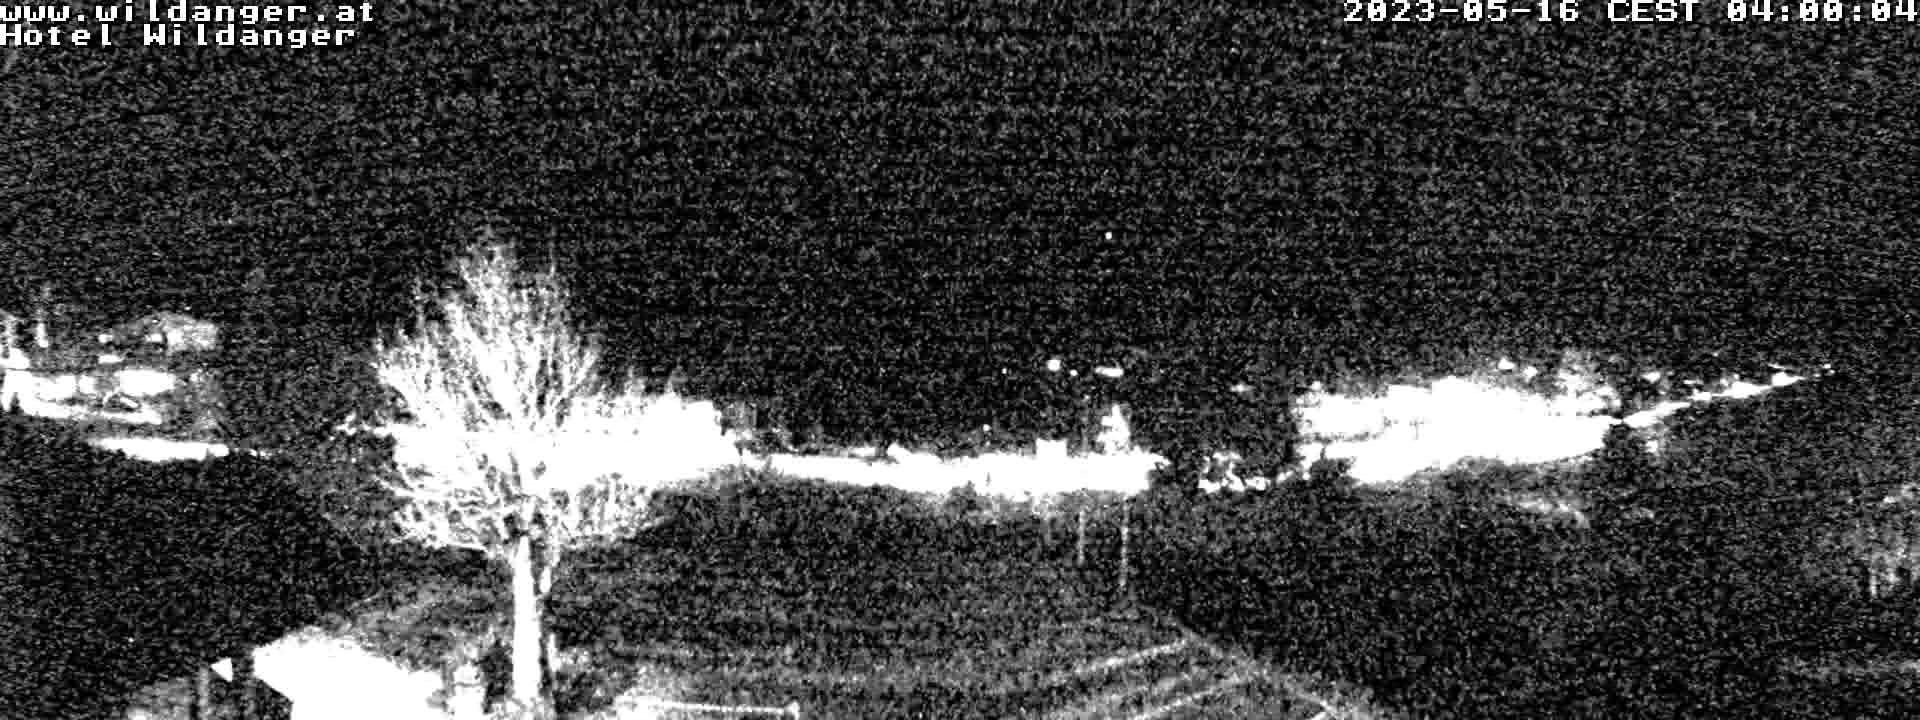 Webcam Zoeblen - Blick vom Hotel Wildanger zum Lift